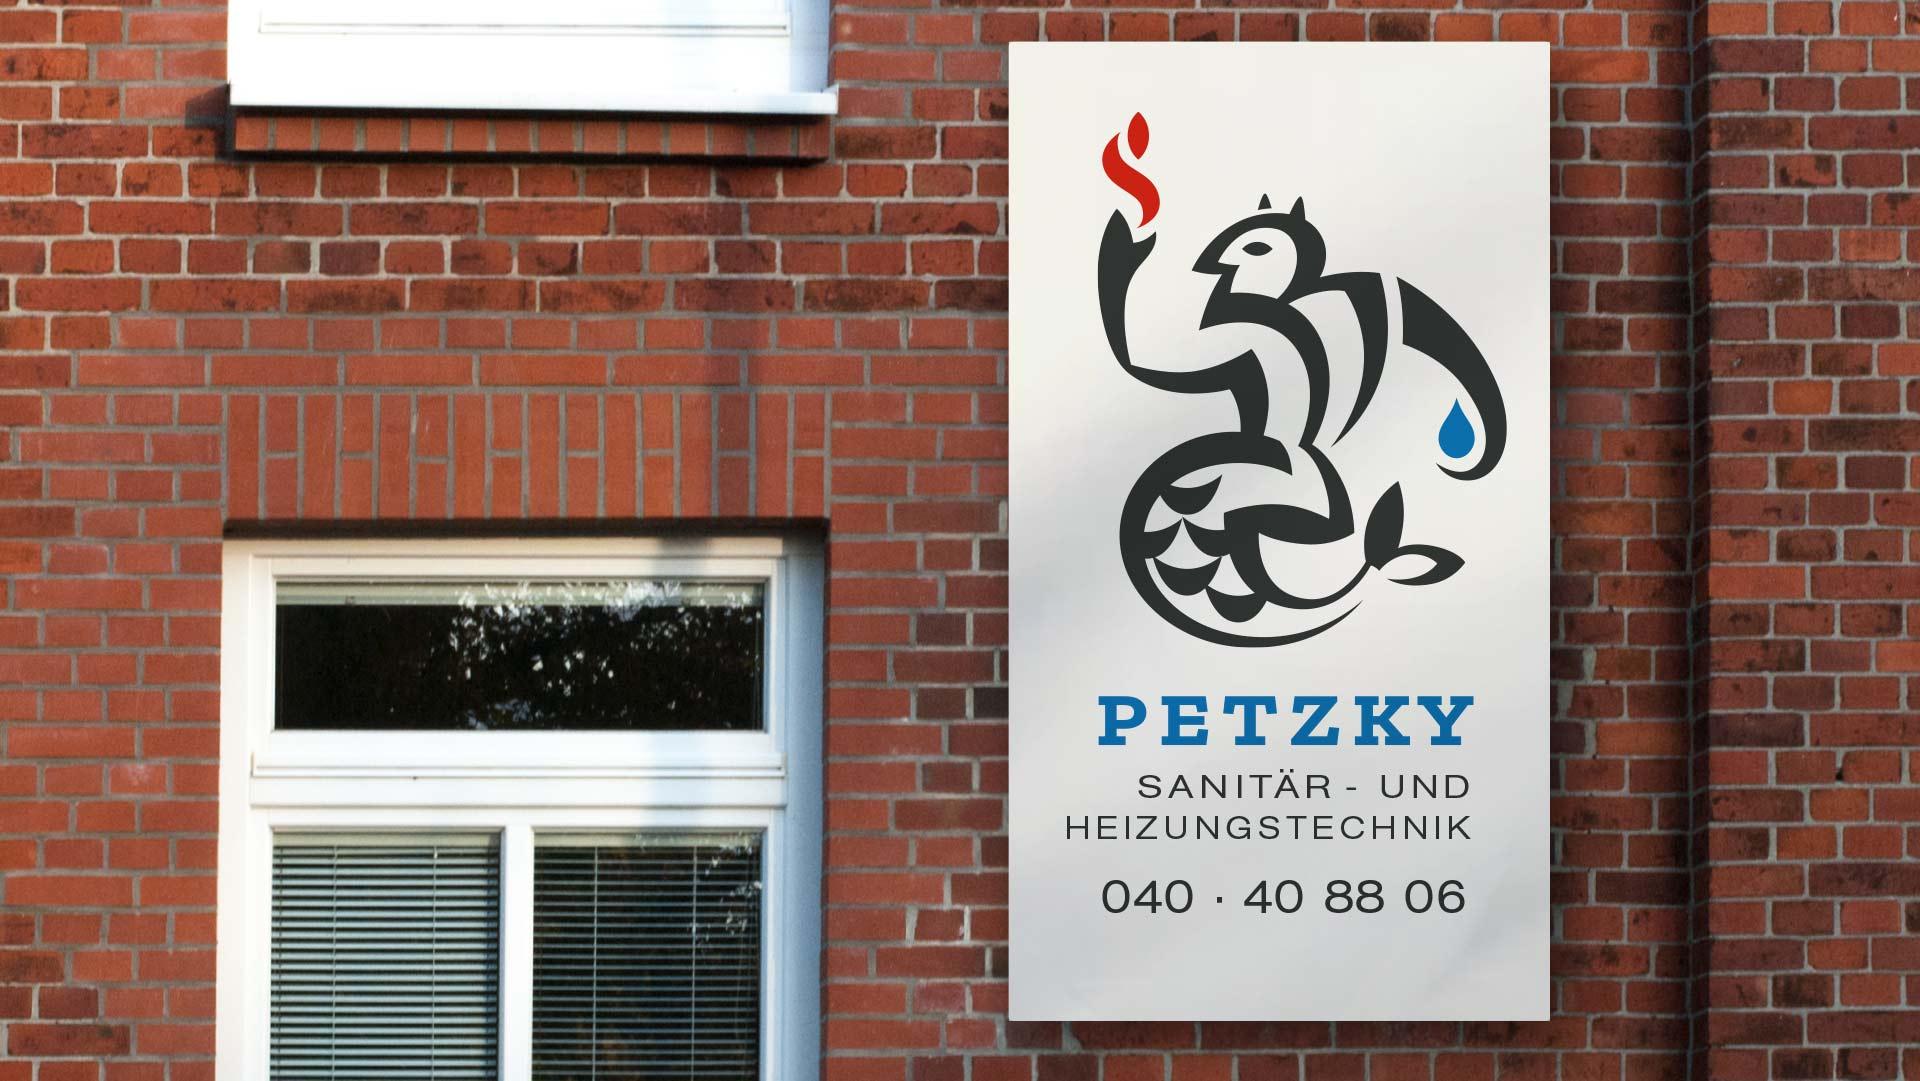 an einer Backsteinfassade hängendes Schild der Firma Petzky Sanitär- und Heizungstechnik